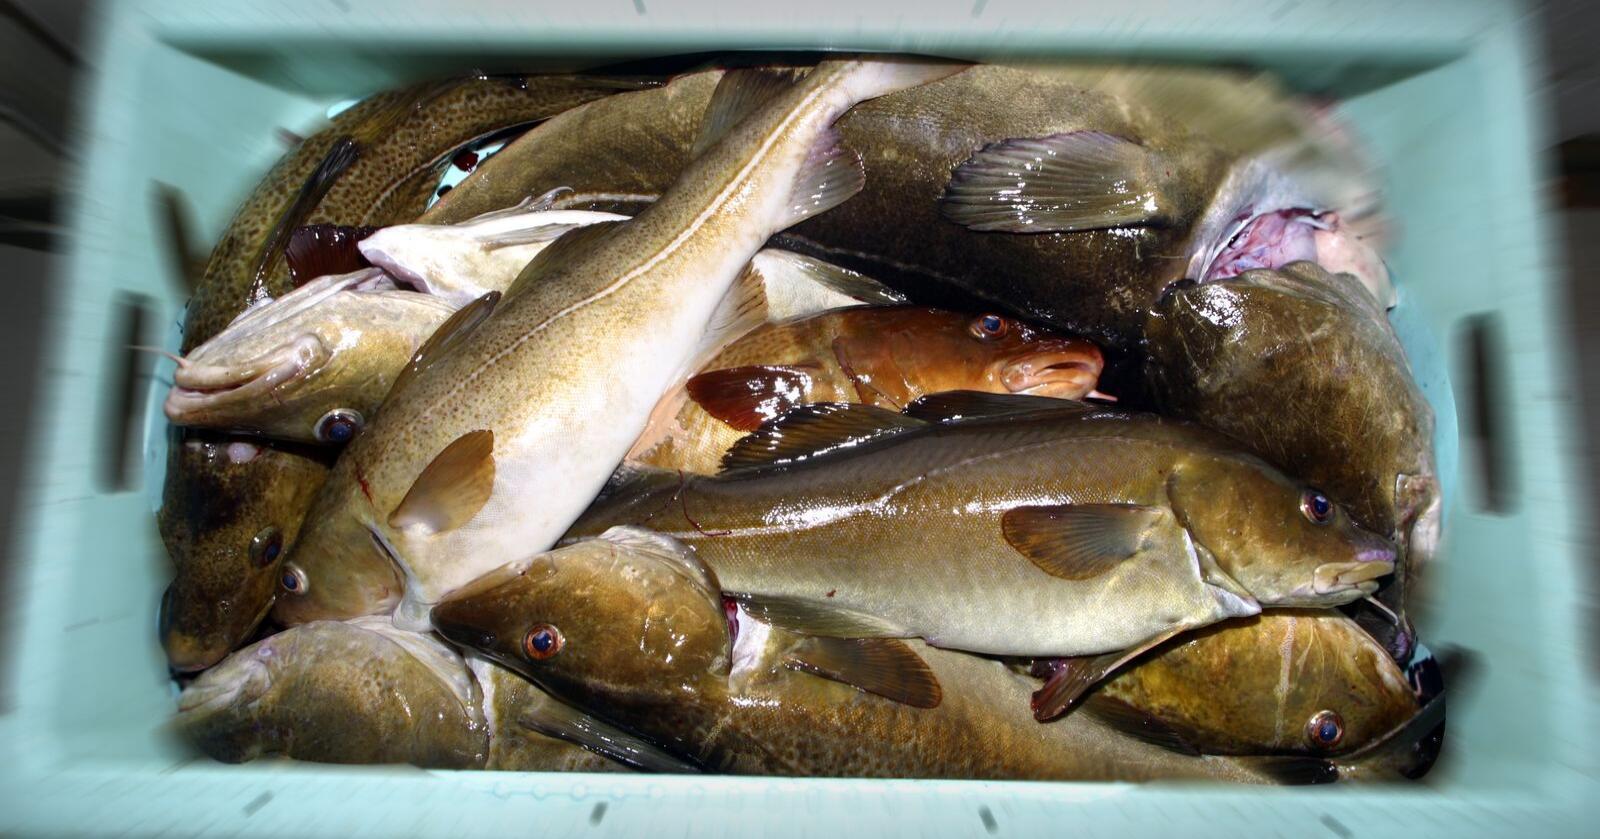 Norge og Storbritannia klarte ikke å bli enige om gjensidig adgang til fiskefarvann og kvoter på felles bestander. Illustrasjonsfoto: NTB